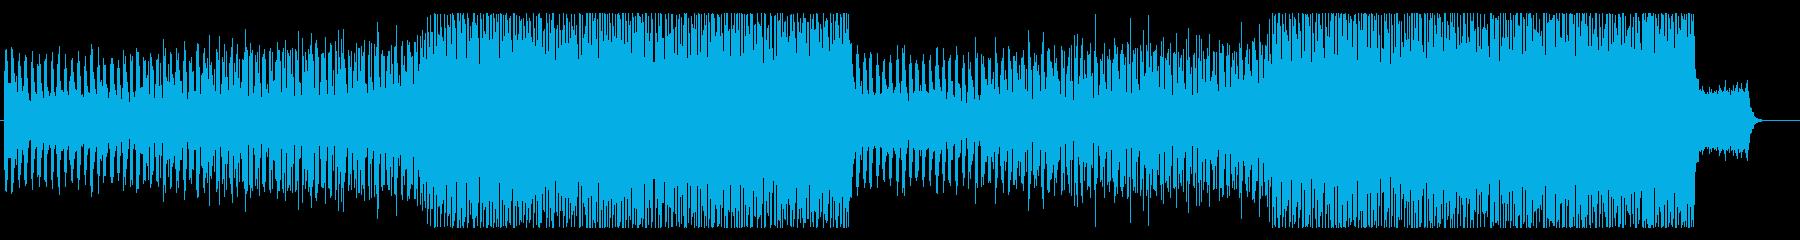 テクノロジー・ゲーム・シンセ エレクトロの再生済みの波形